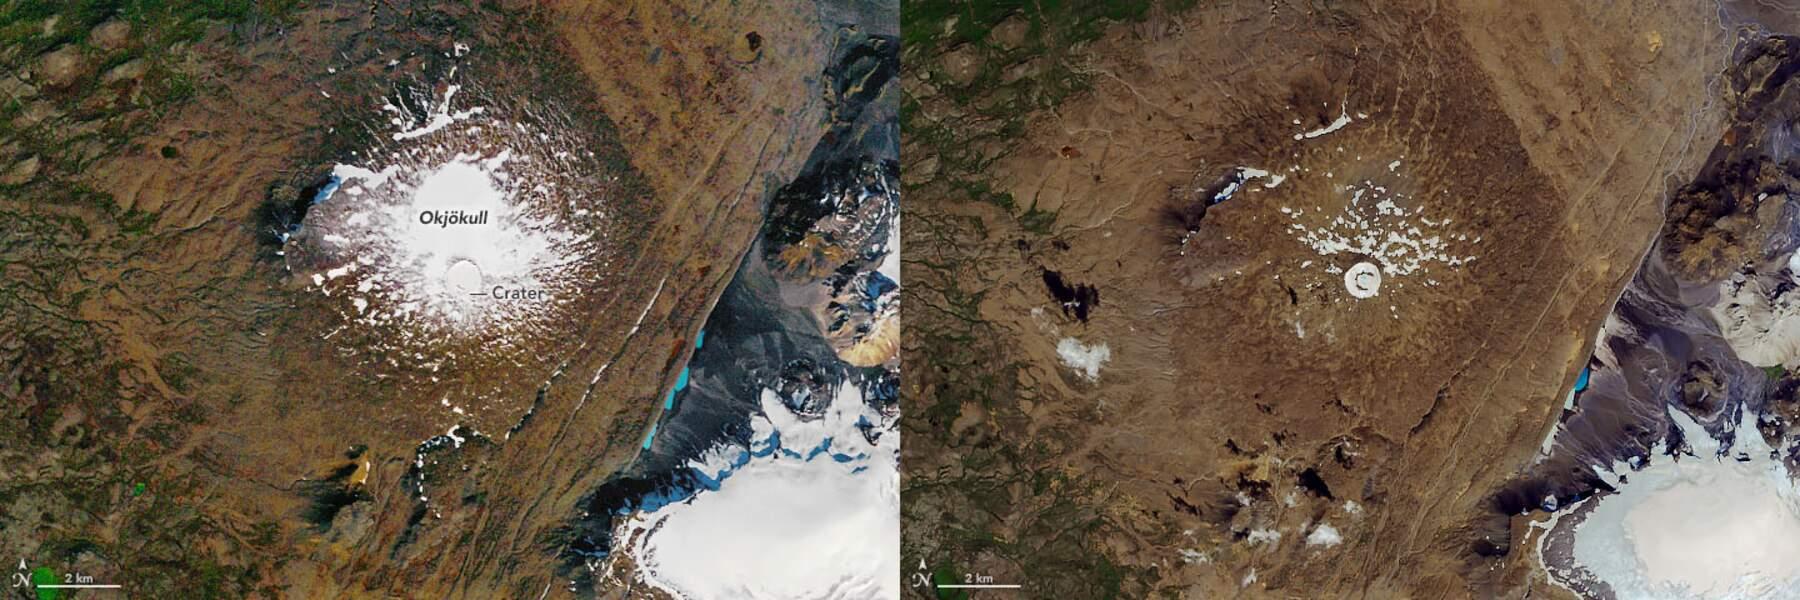 Le glacier Okjökull entre 1986 et 2019